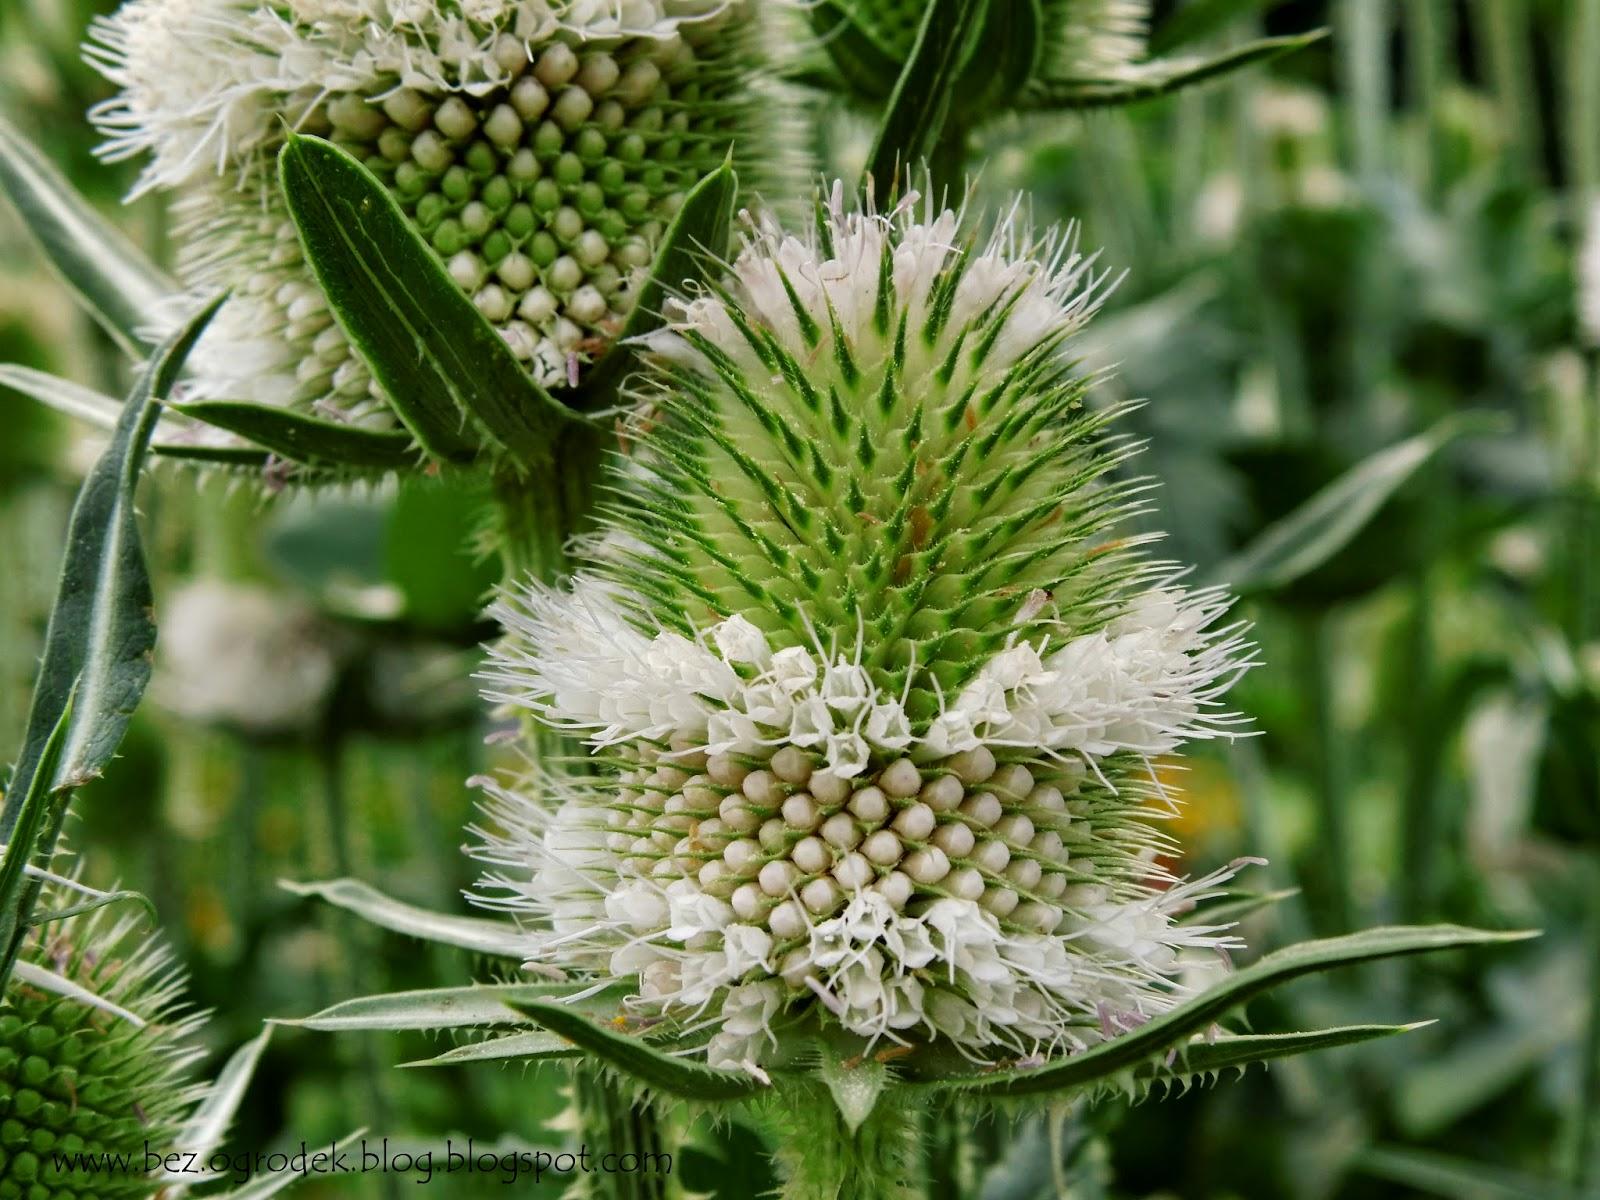 Fuller's Teasel flowers